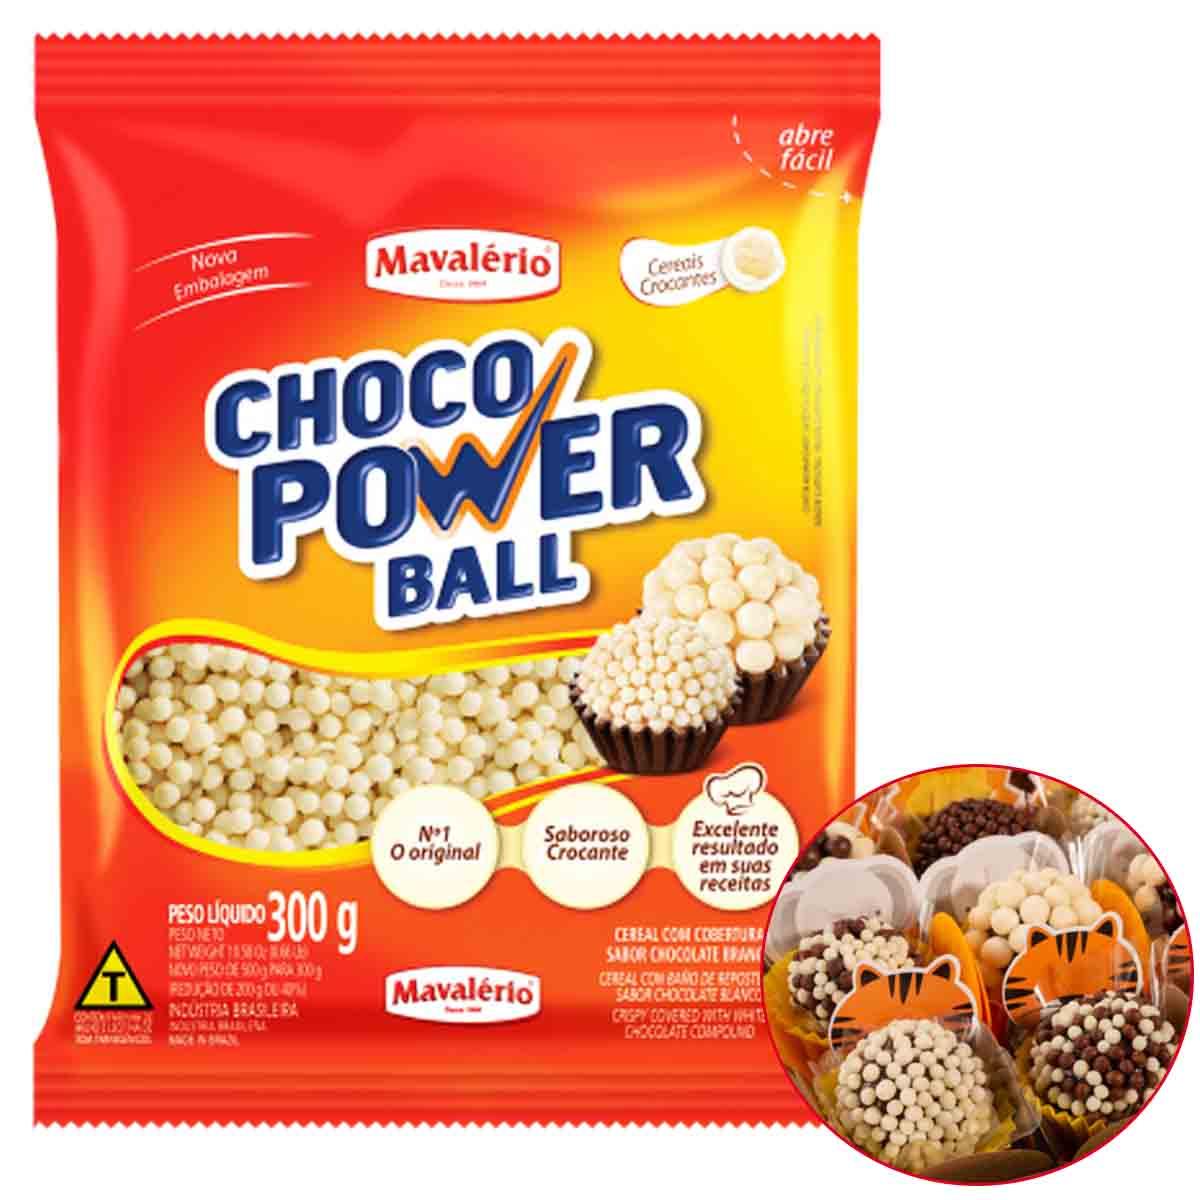 Choco Power Ball Mini Branco 300g Mavalério